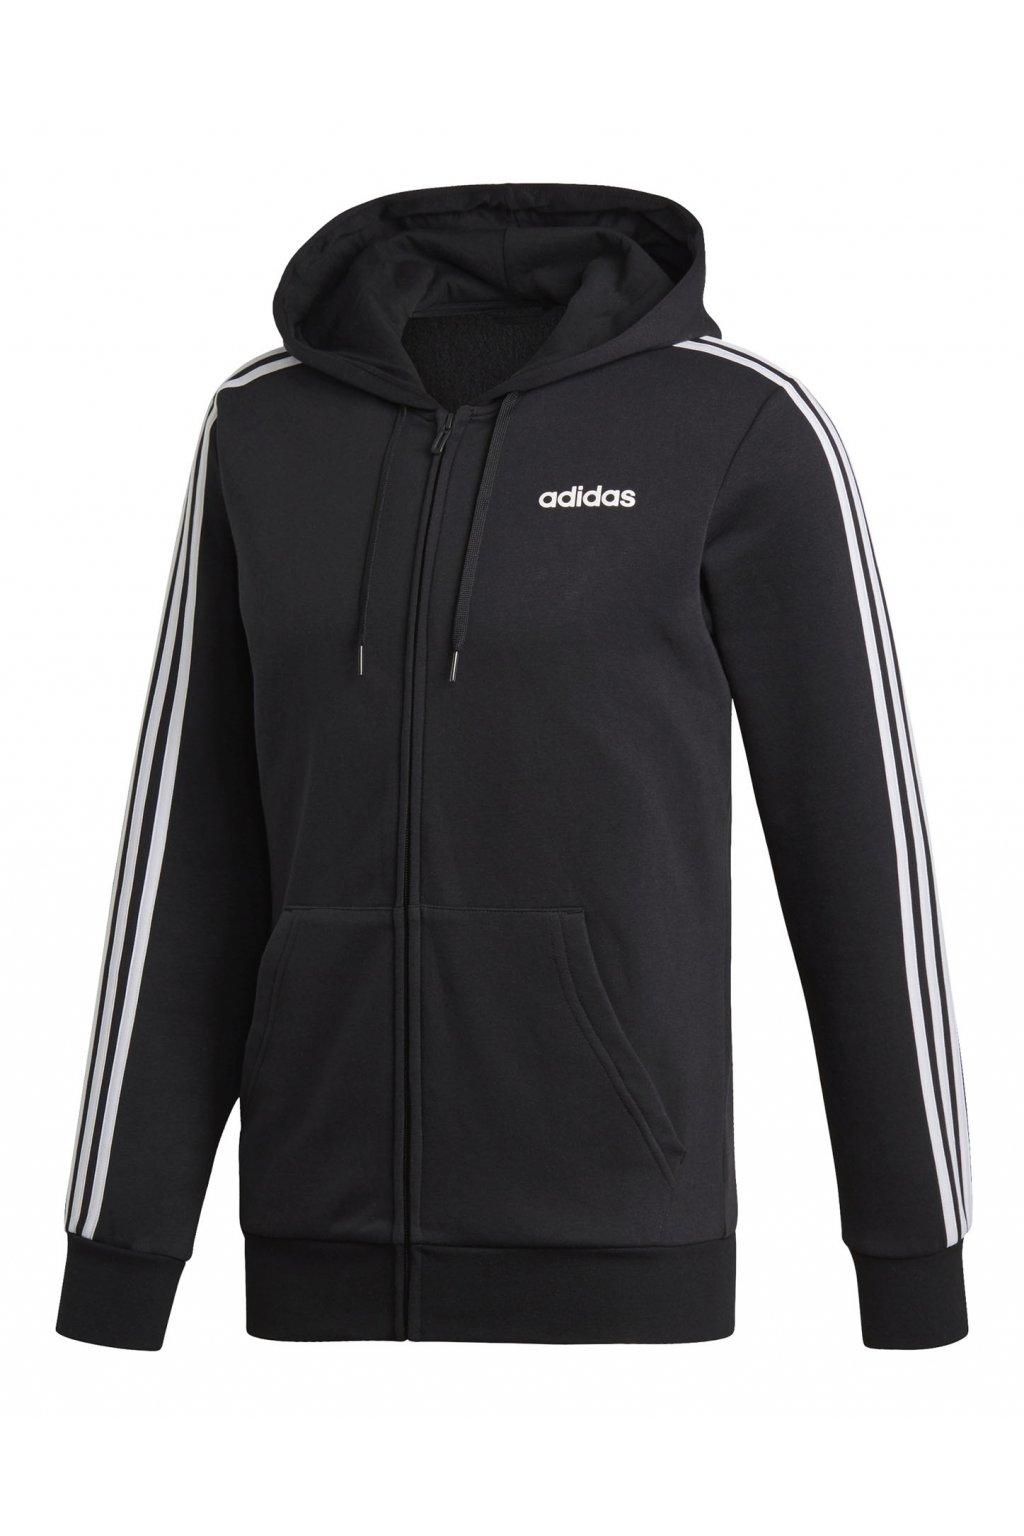 Pánska mikina adidas Essentials 3S čierna DQ3101